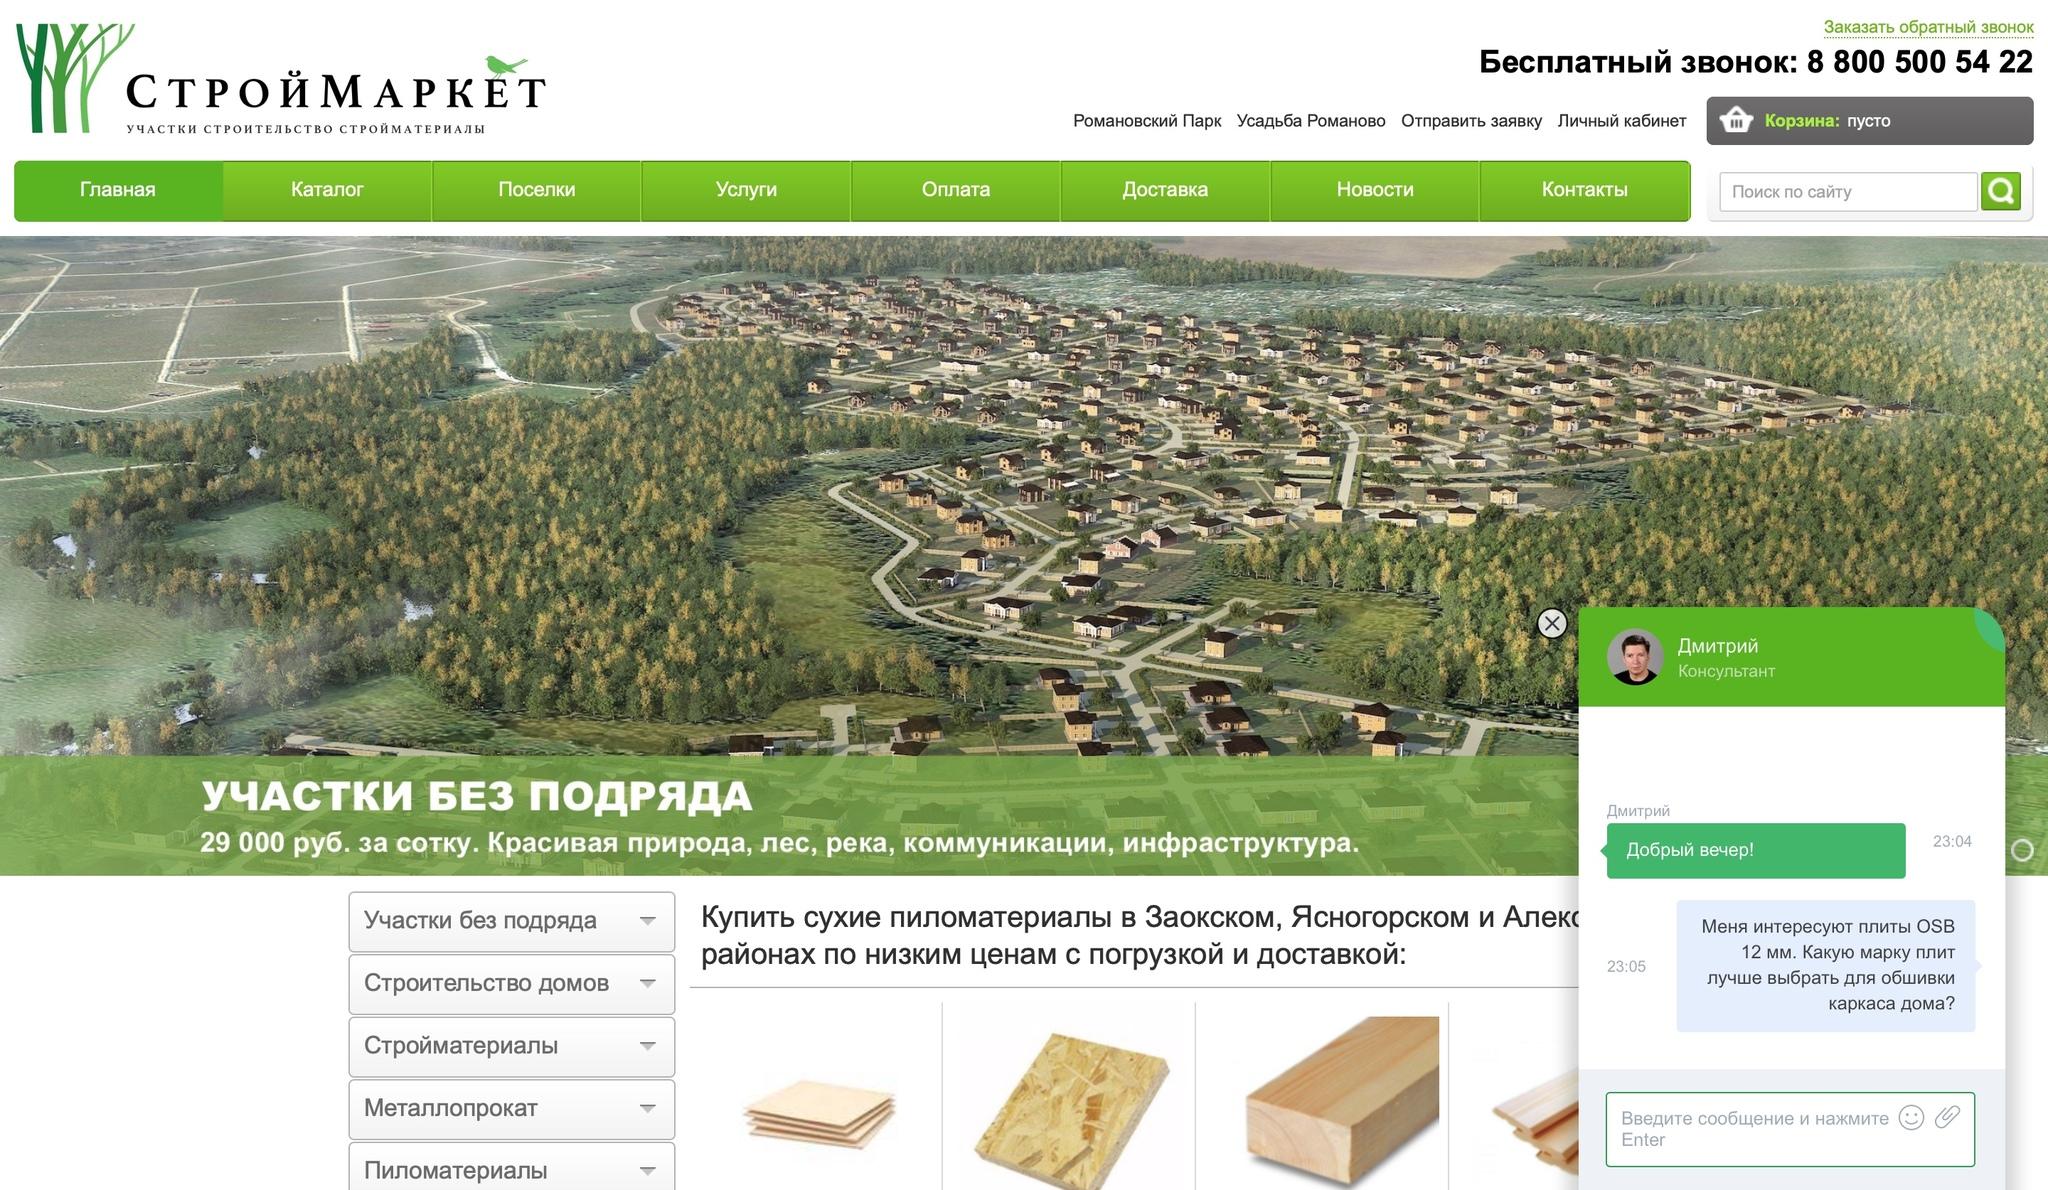 Онлайн-консультирование по выбору стройматериалов